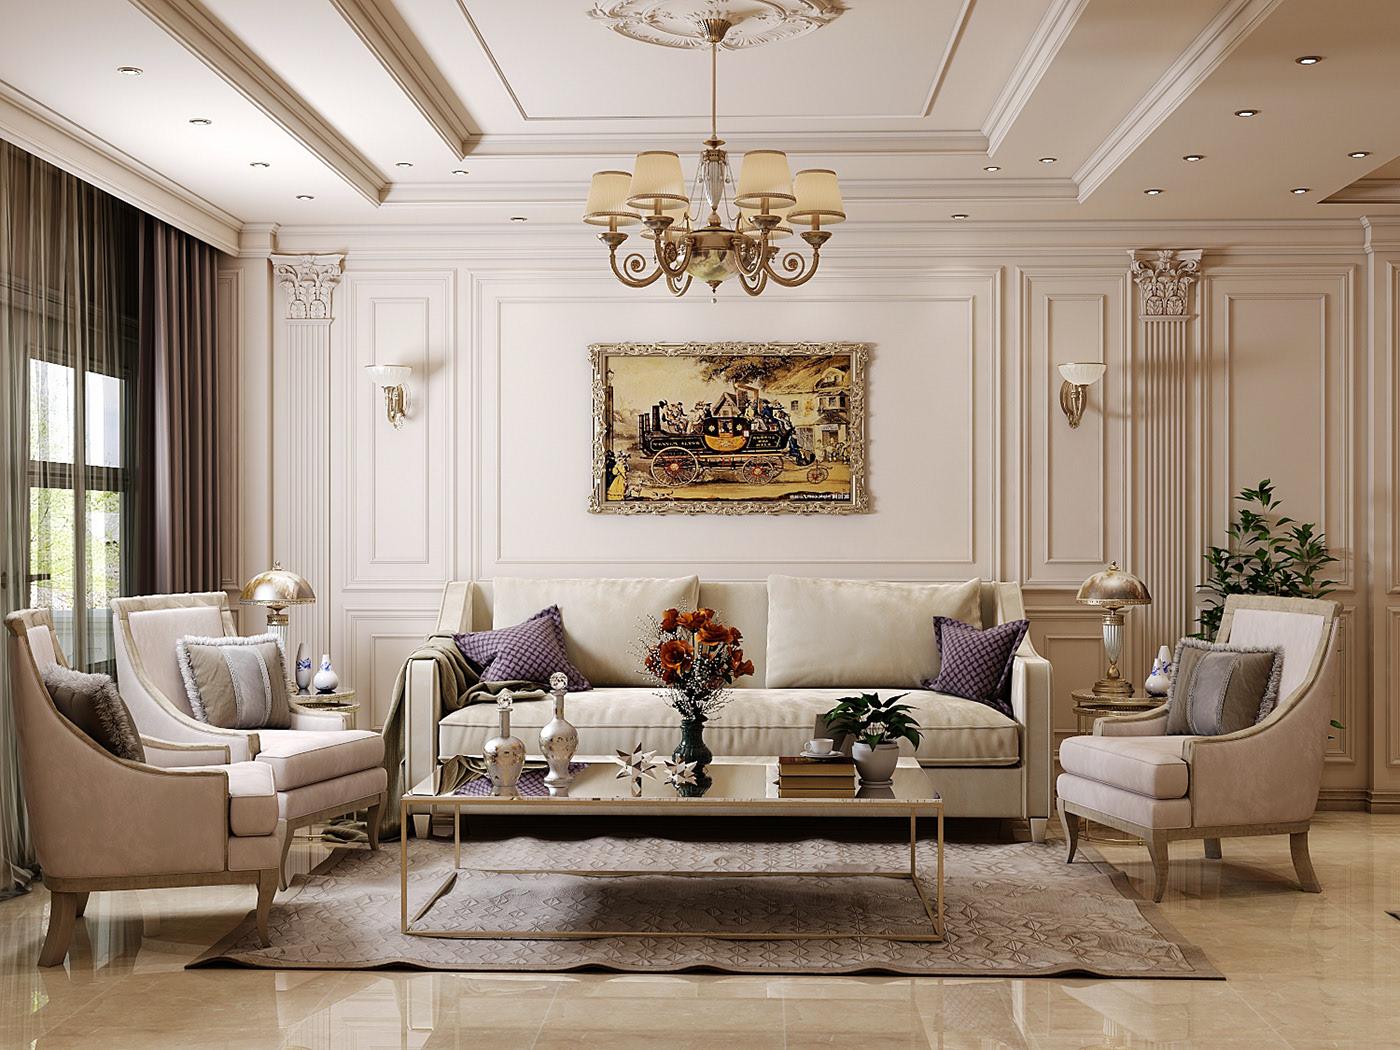 Dự án biệt thự phong cách Luxury thành phố Biển